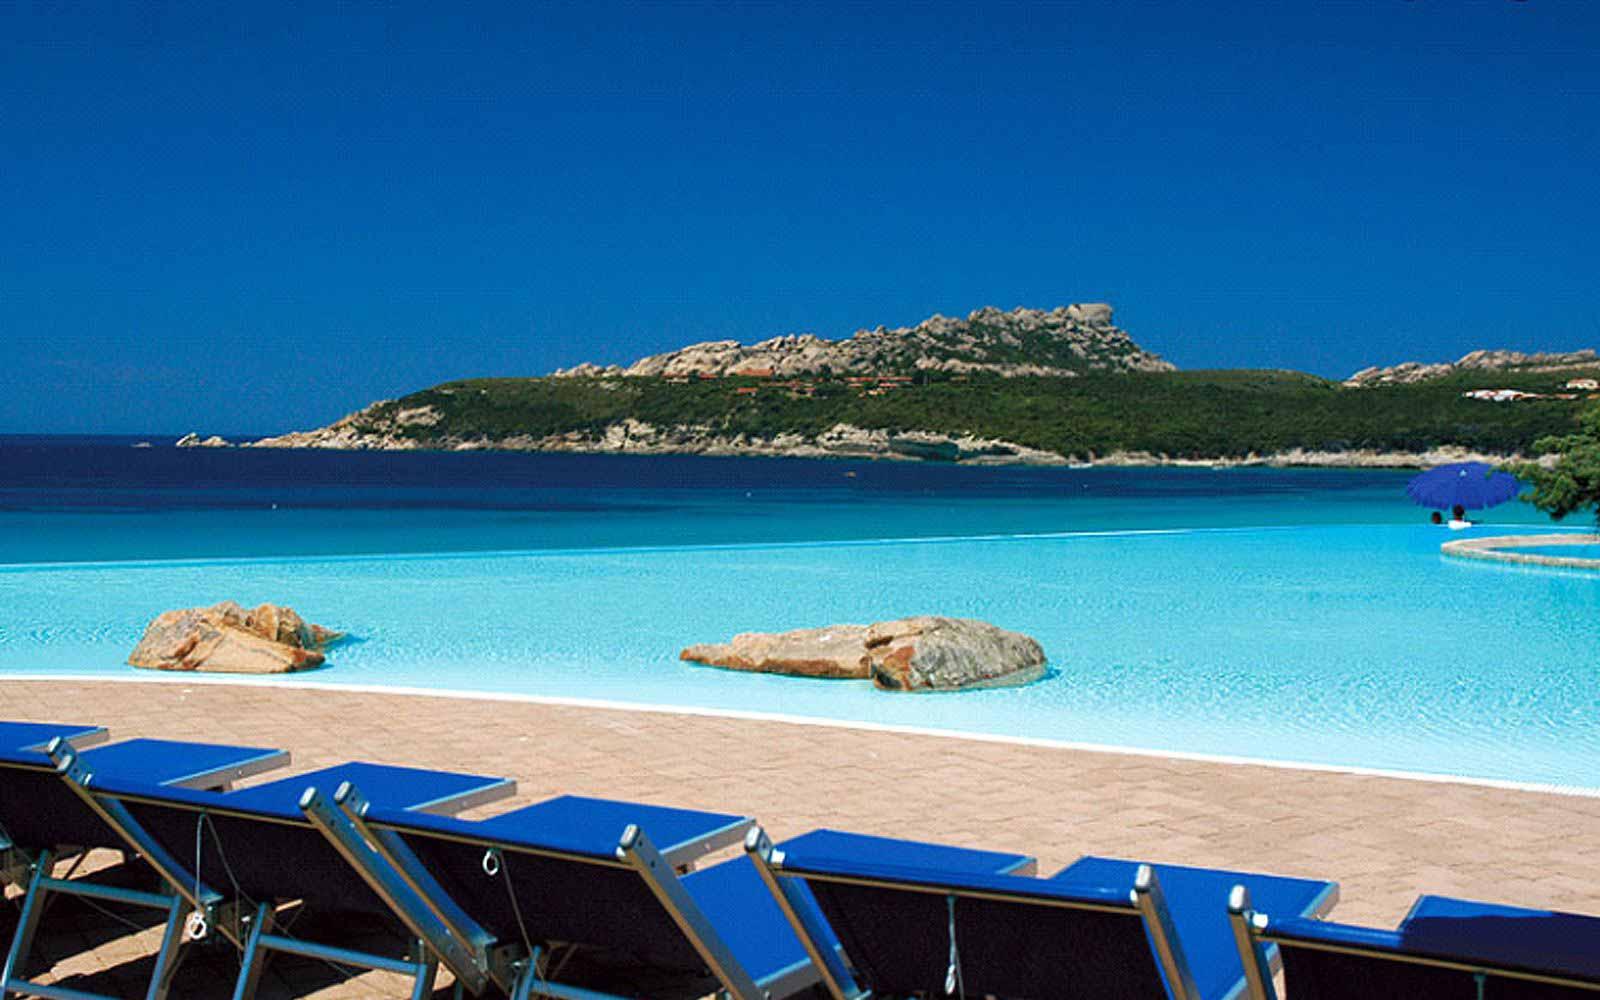 Pool at the Colonna Grand Hotel Capo Testa